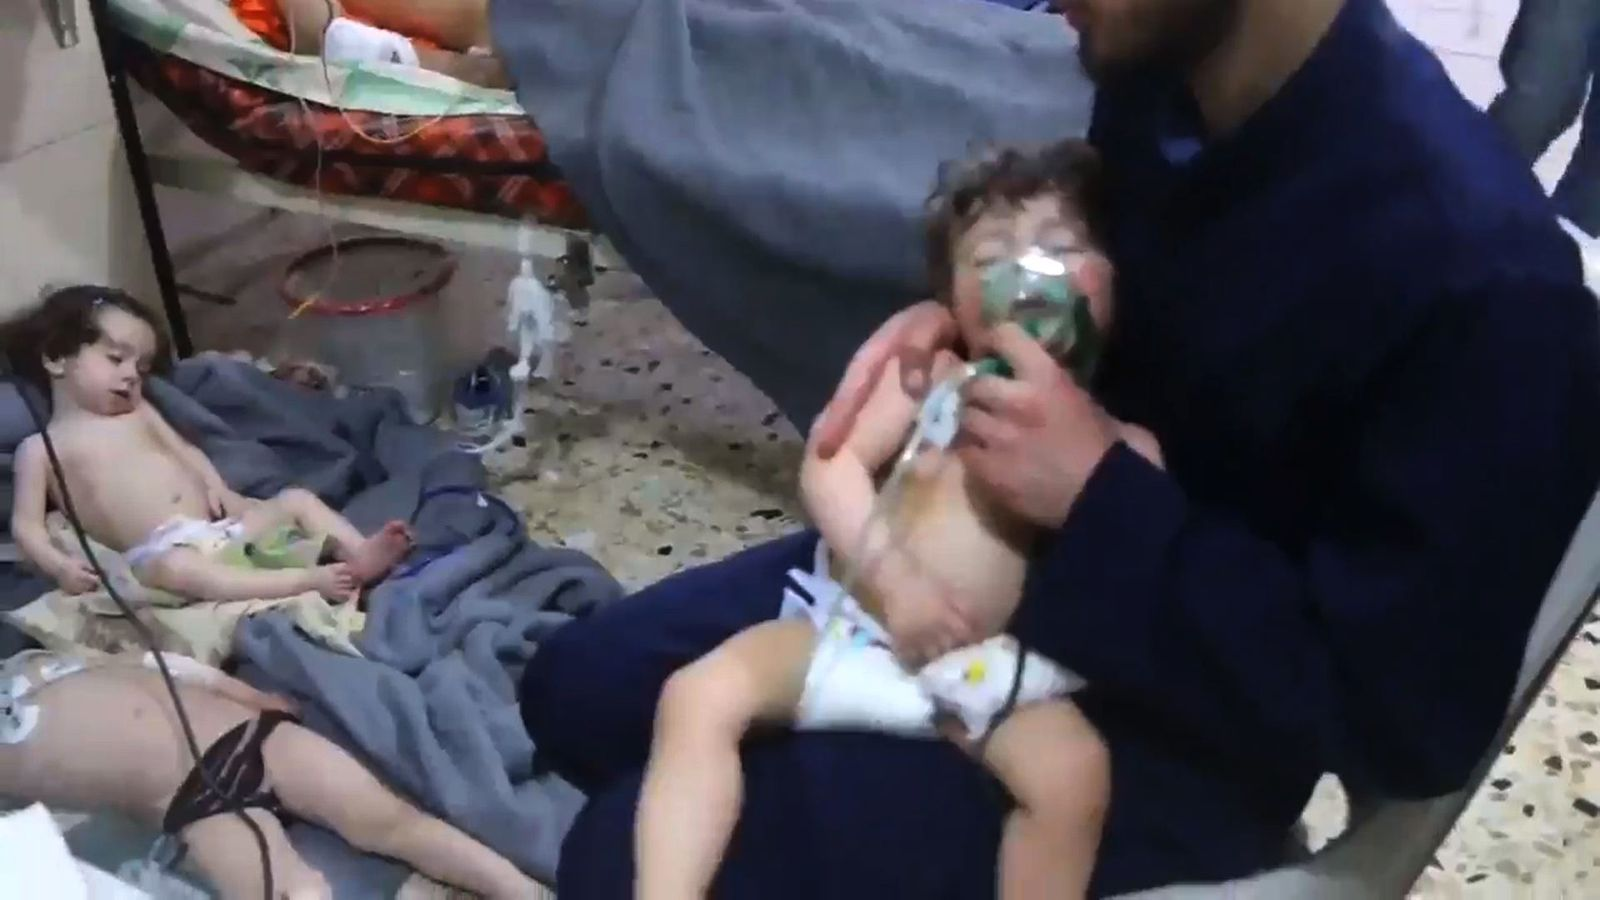 Nens atesos en un hospital de Guta després de l'atac químic del 8 d'abirl de 2018.